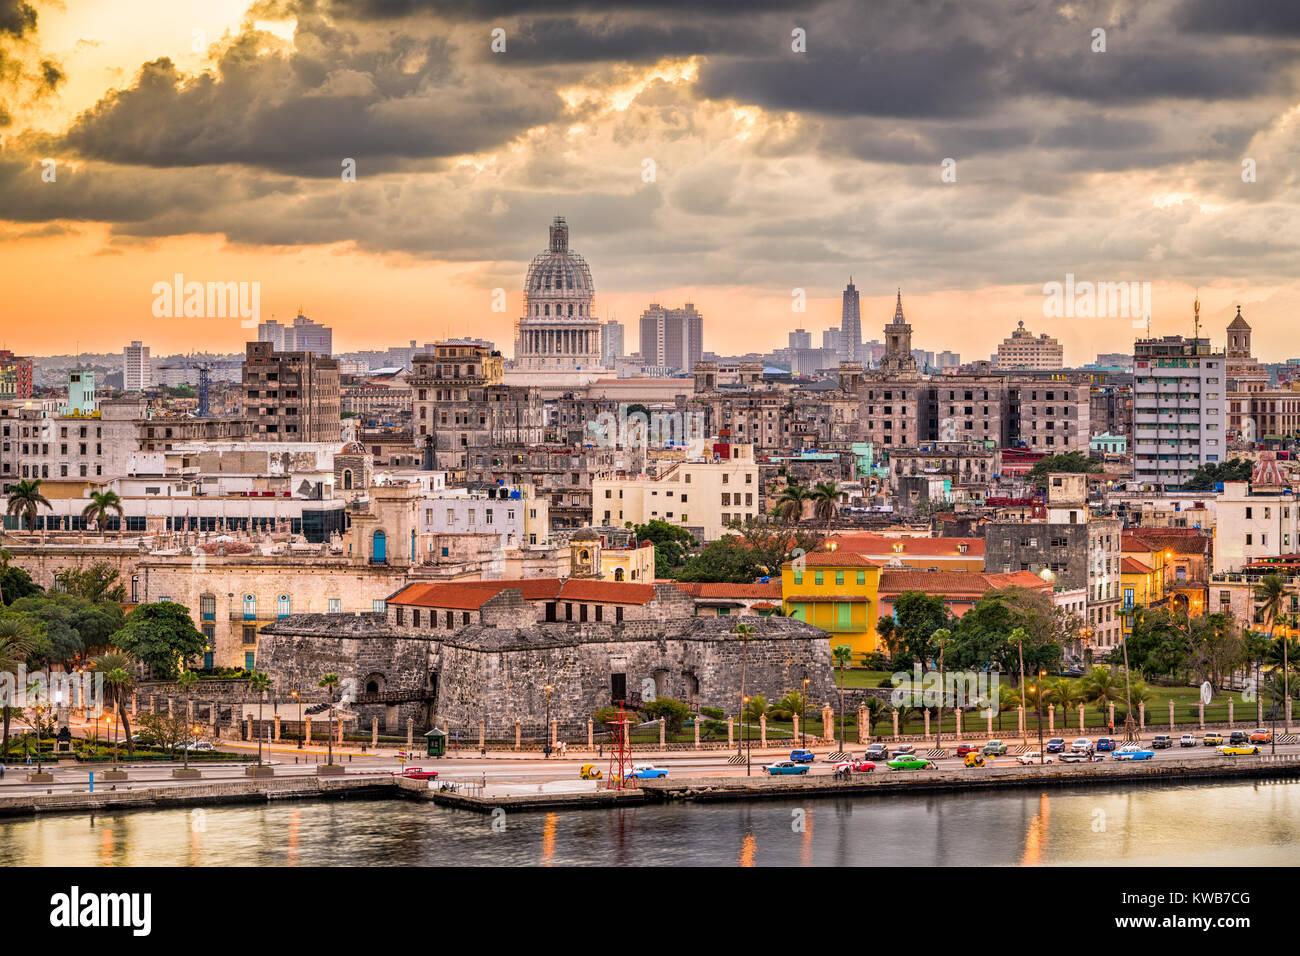 Havana, Cuba old town skyline. - Stock Image